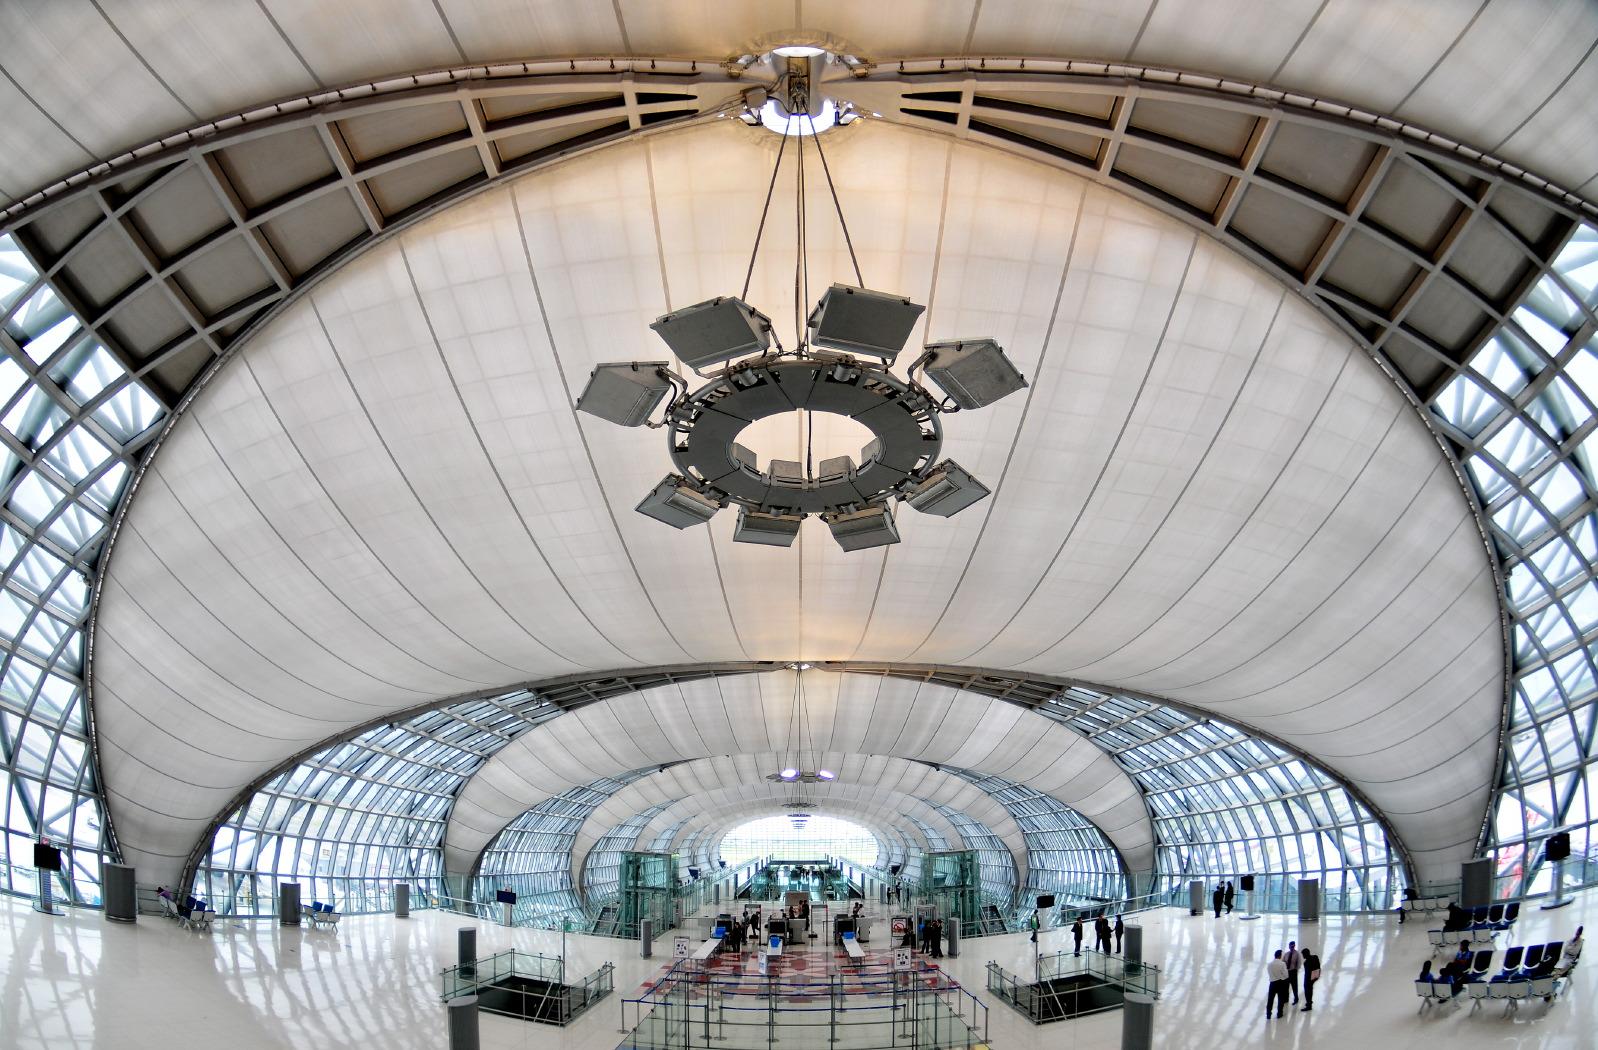 Raw public airport bang